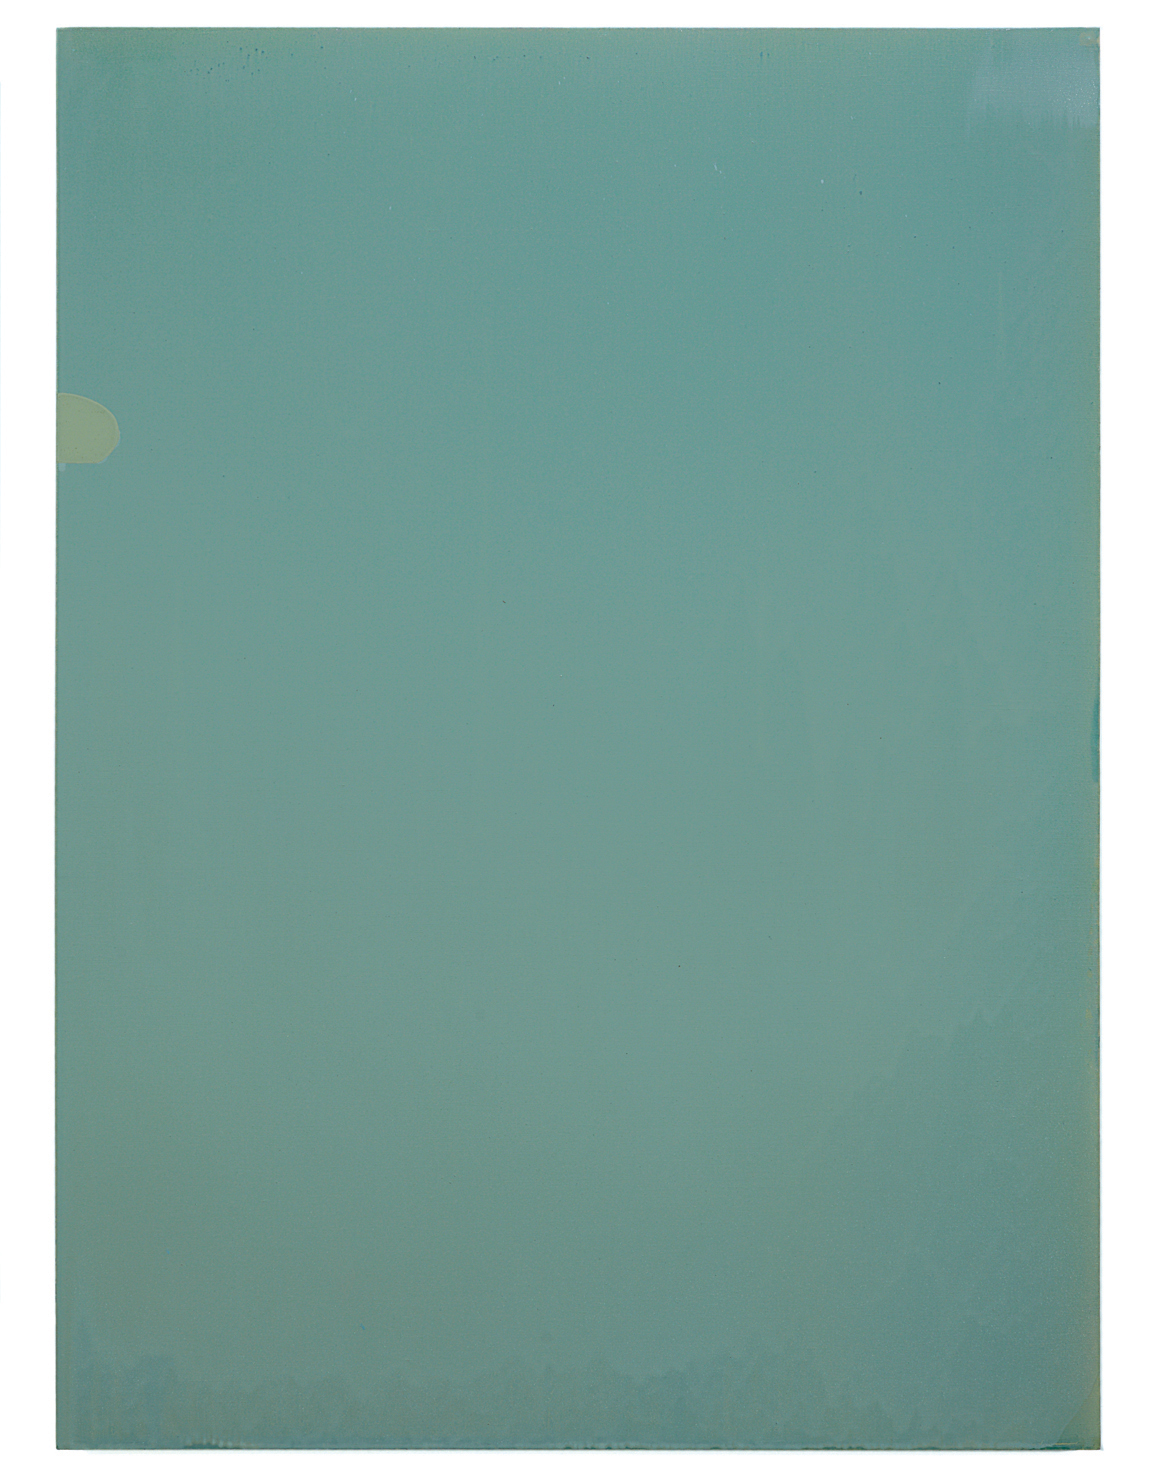 Luke HENG  Green on White  2015 Oil on linen H130 x W95 cm